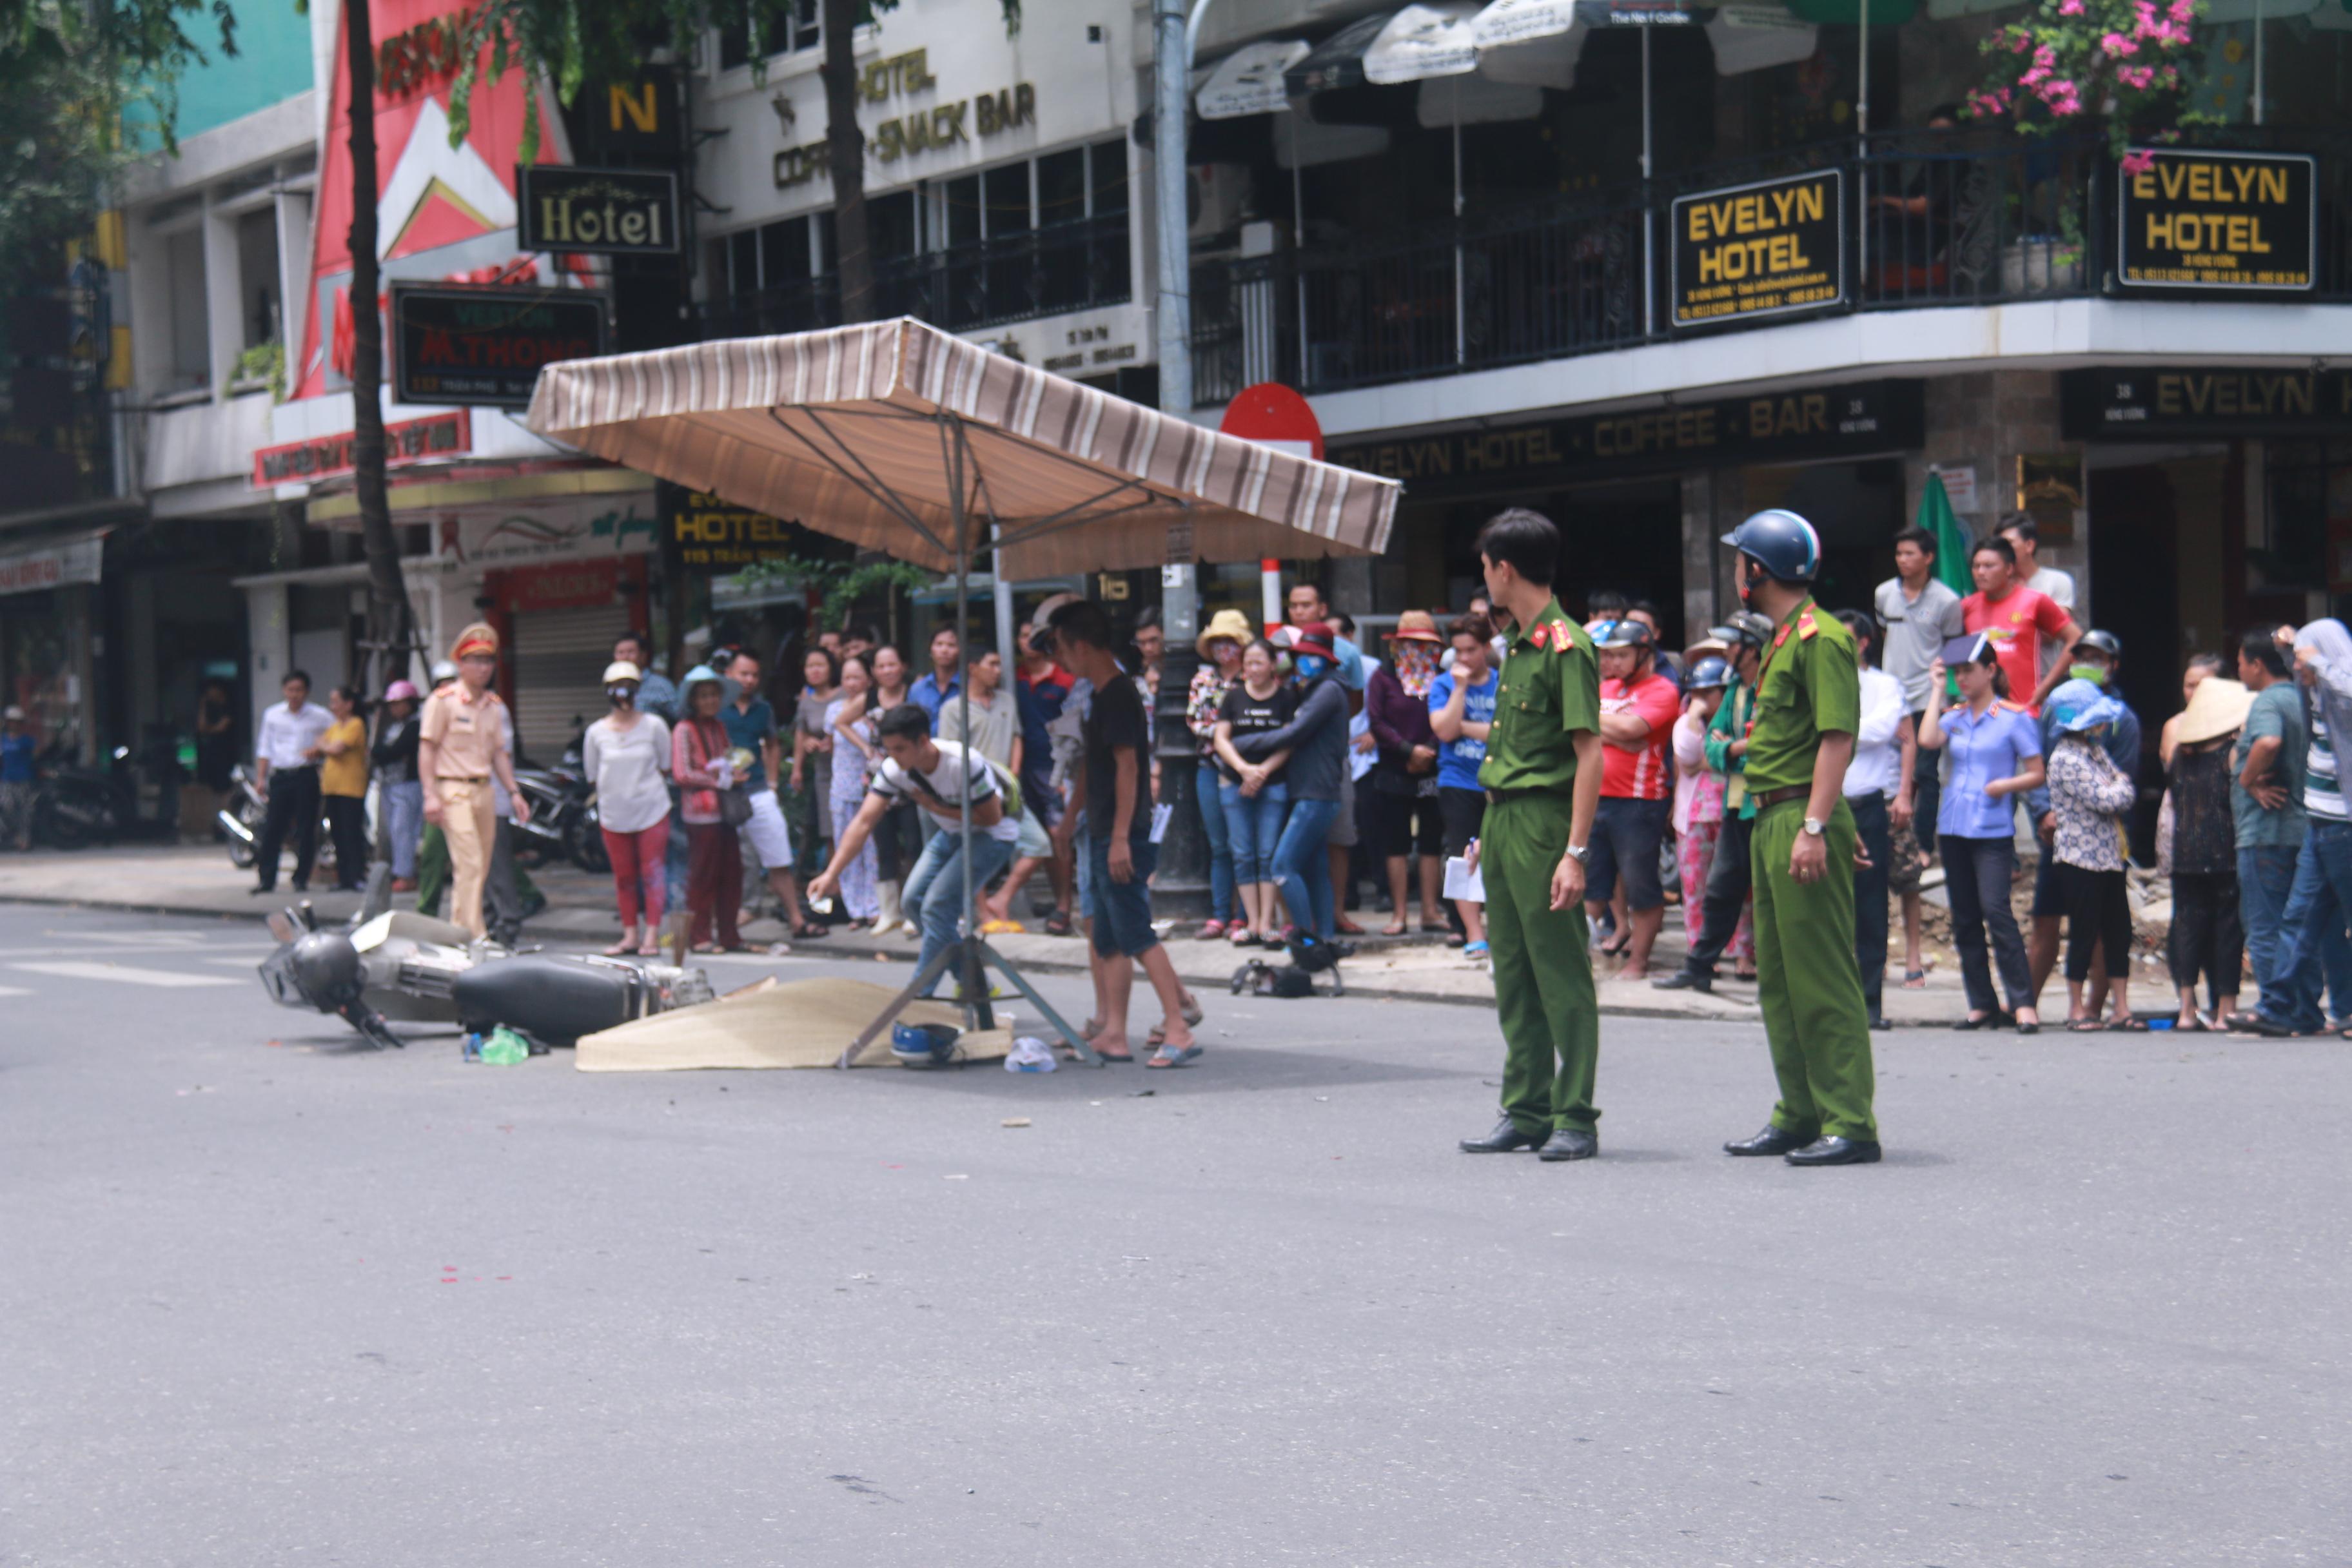 Tai nạn liên hoàn giữa trung tâm Đà Nẵng, 3 người thương vong - Ảnh 5.